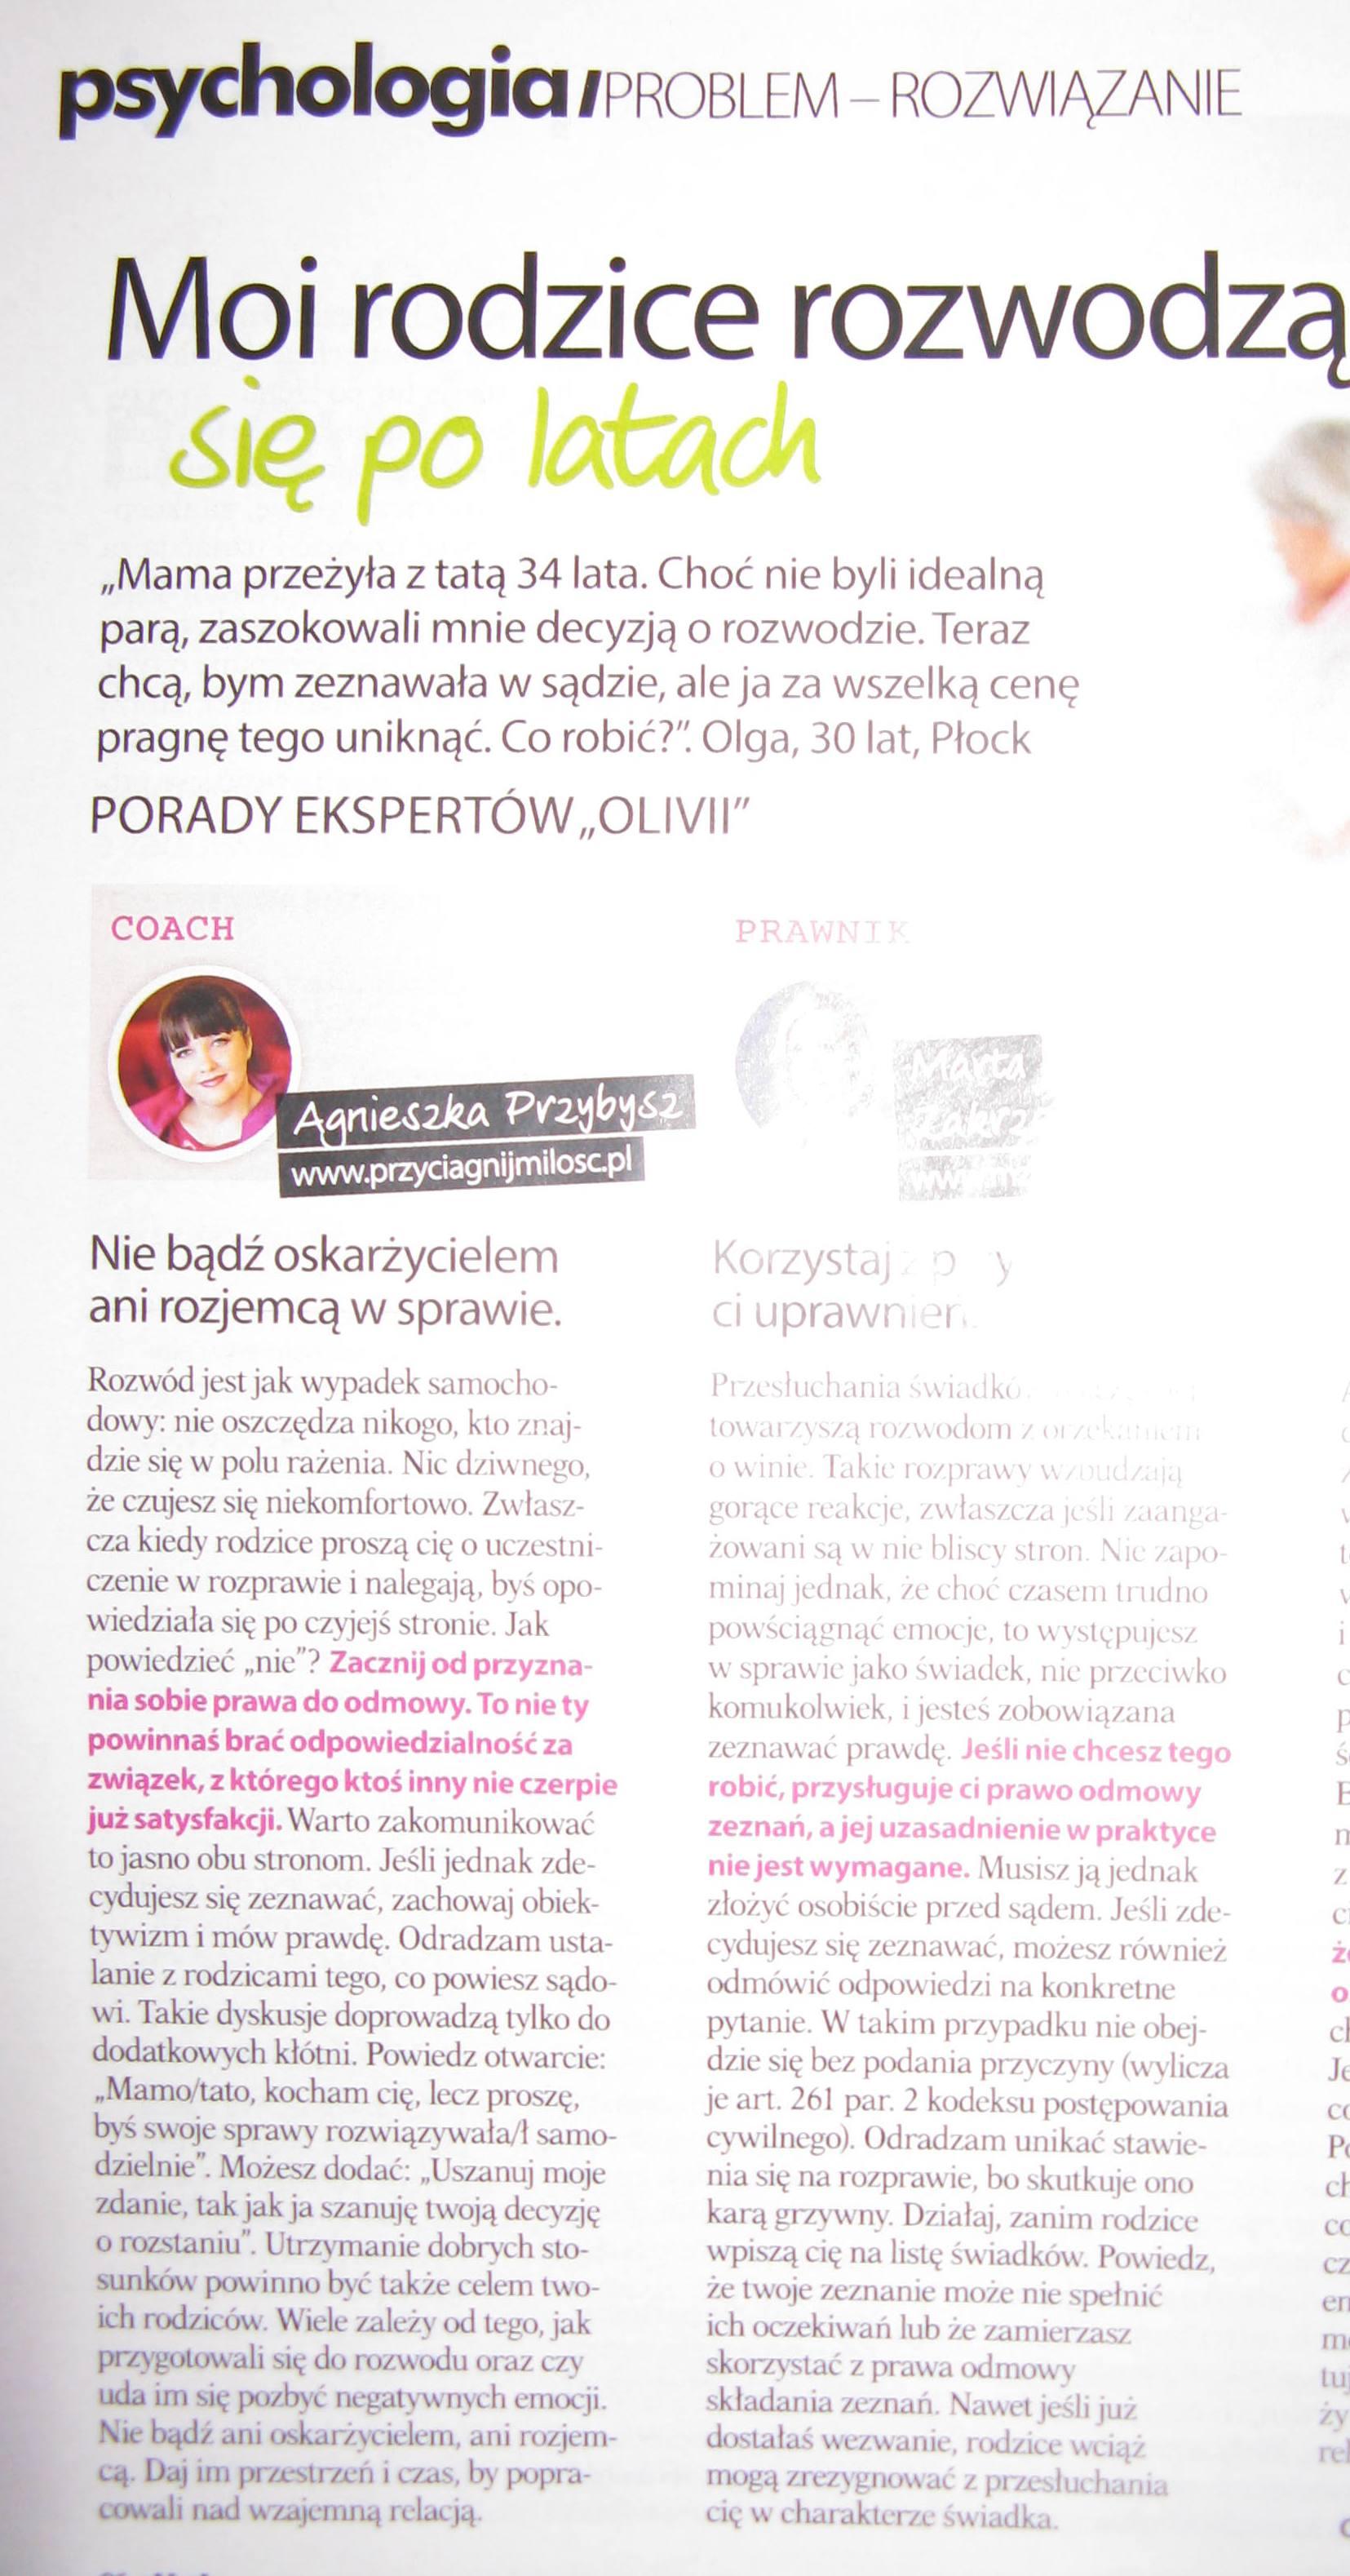 moi-rodzice-rozwodza-sie-po-latach-coaching-Agnieszka-Przybysz-Olivia